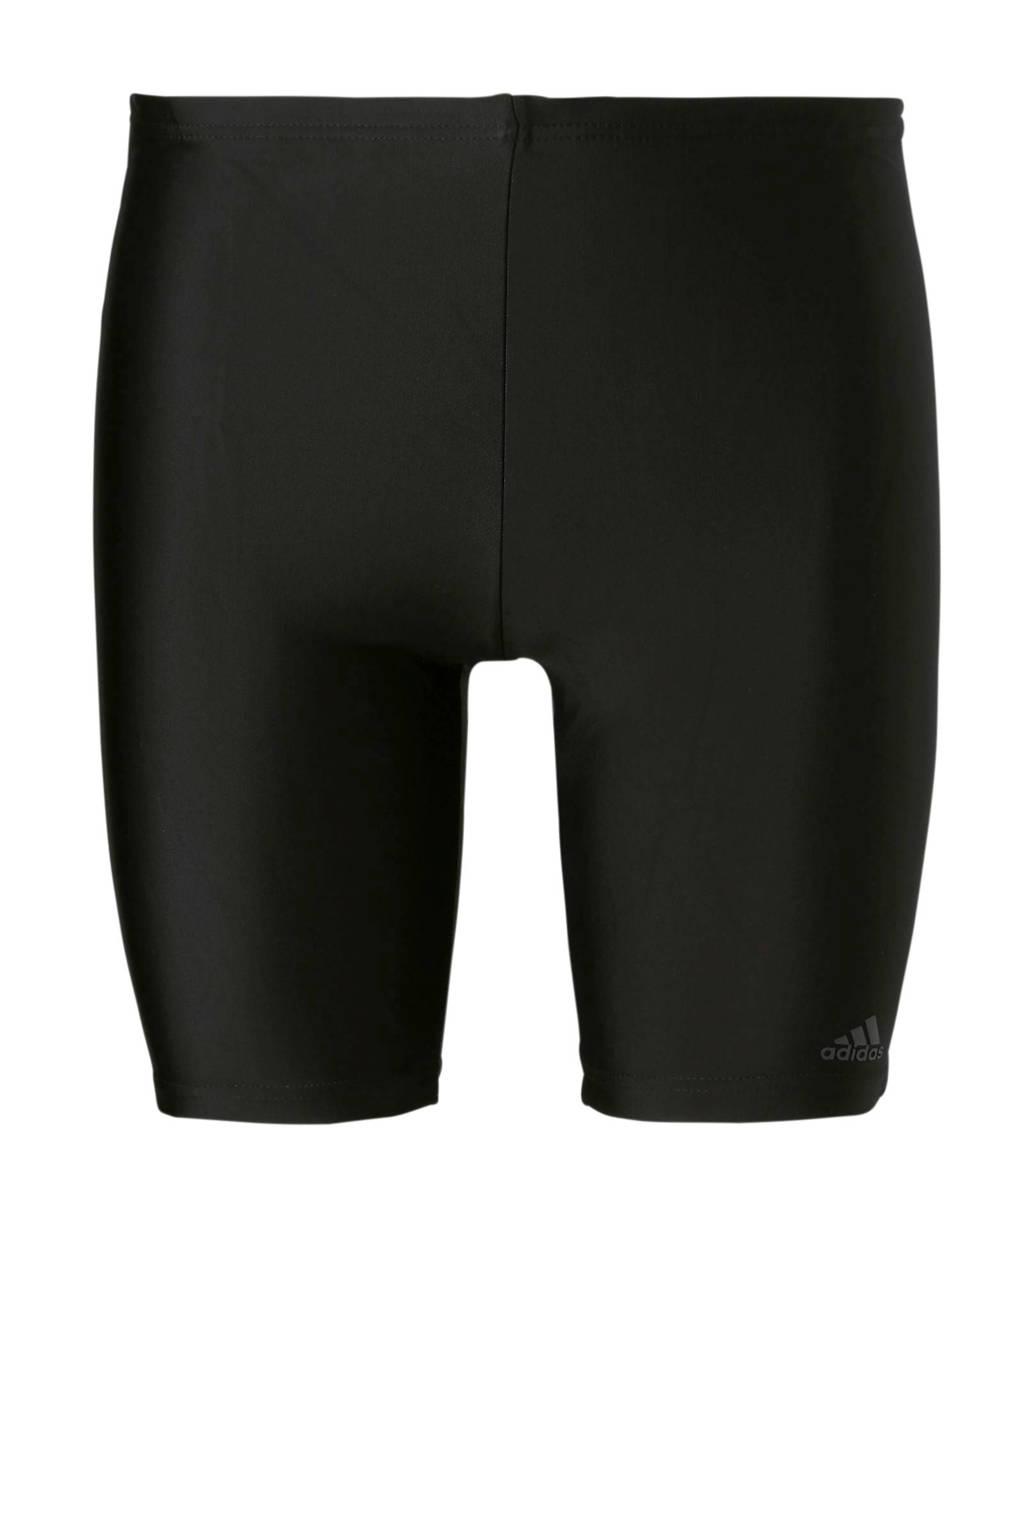 adidas performance zwemboxer lang zwart, Zwart/wit